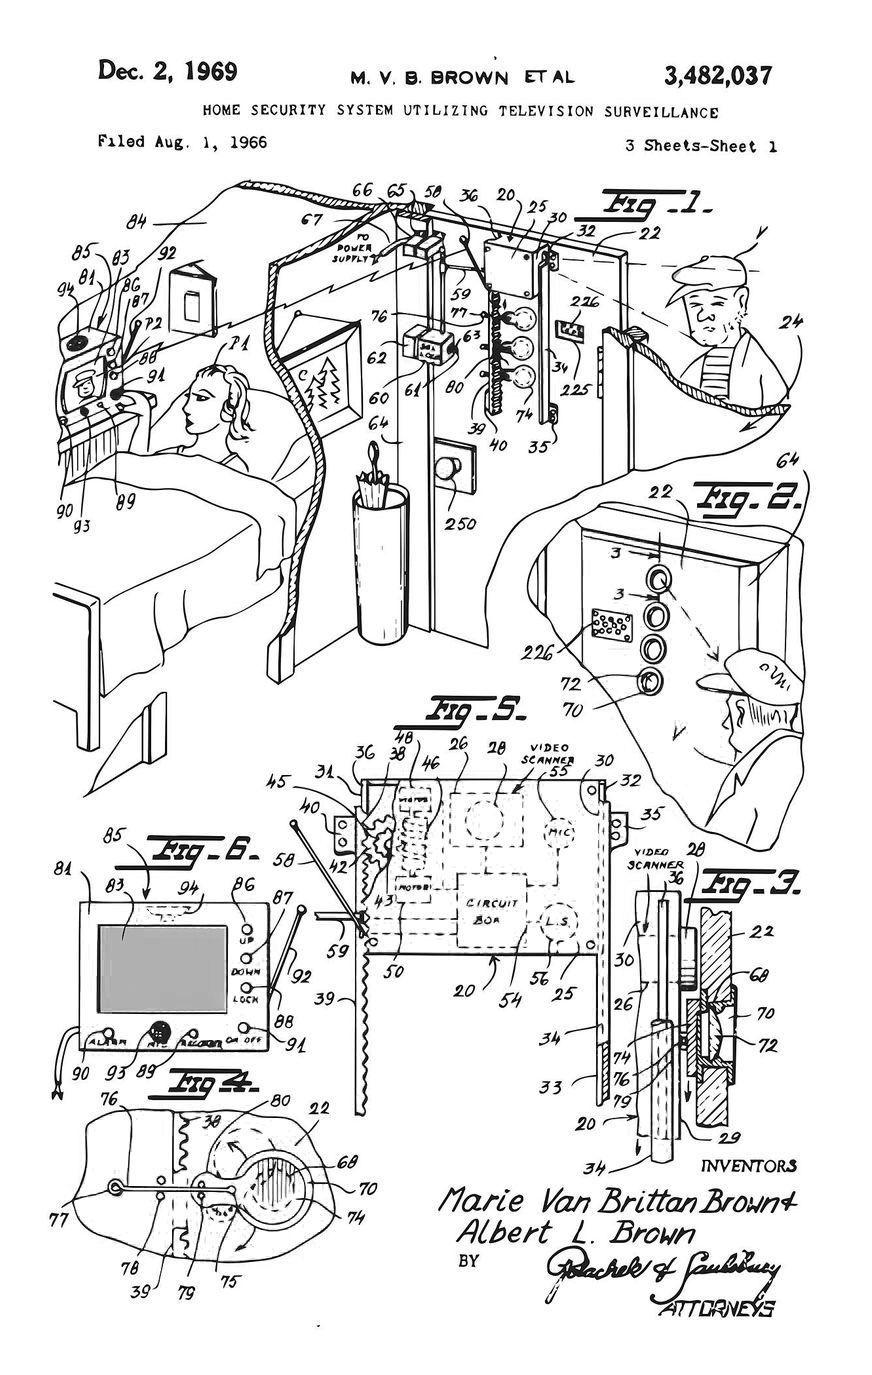 Λεπτομέρεια σχεδίου της Μαρί για το σύστημα οικιακού συναγερμού